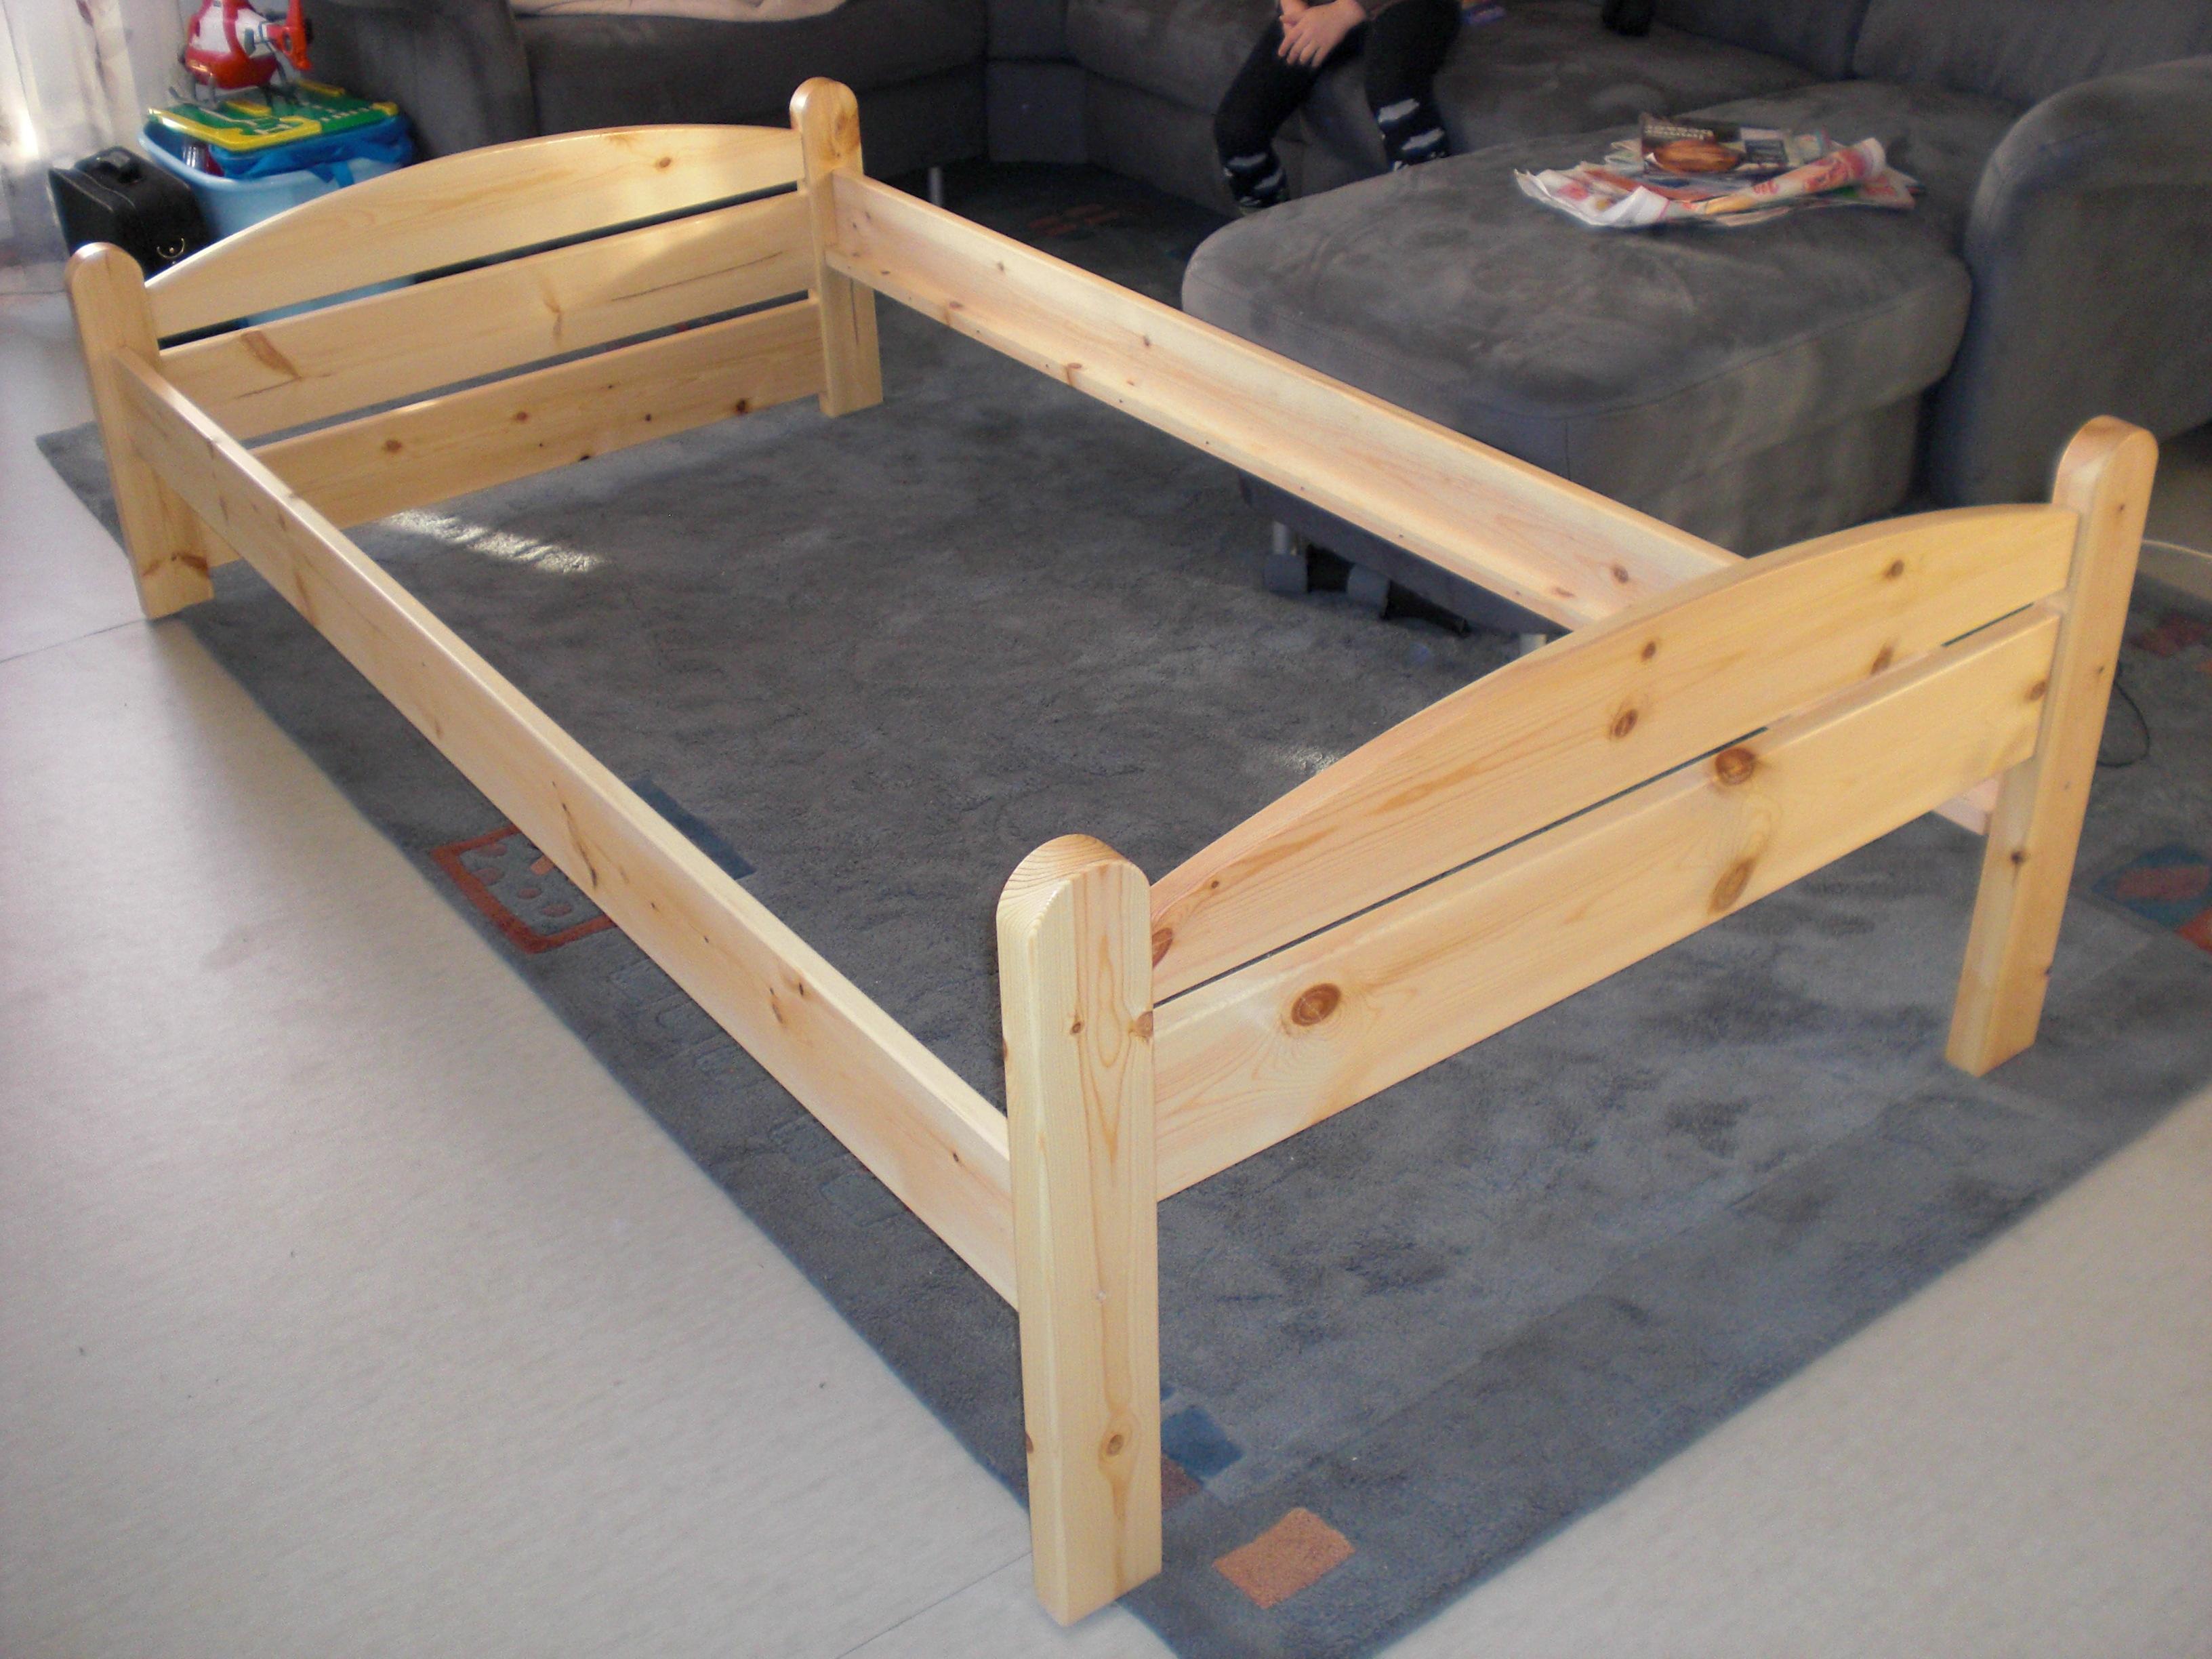 jugendbett mit schubladen jugendbett kanaro in wei mit. Black Bedroom Furniture Sets. Home Design Ideas